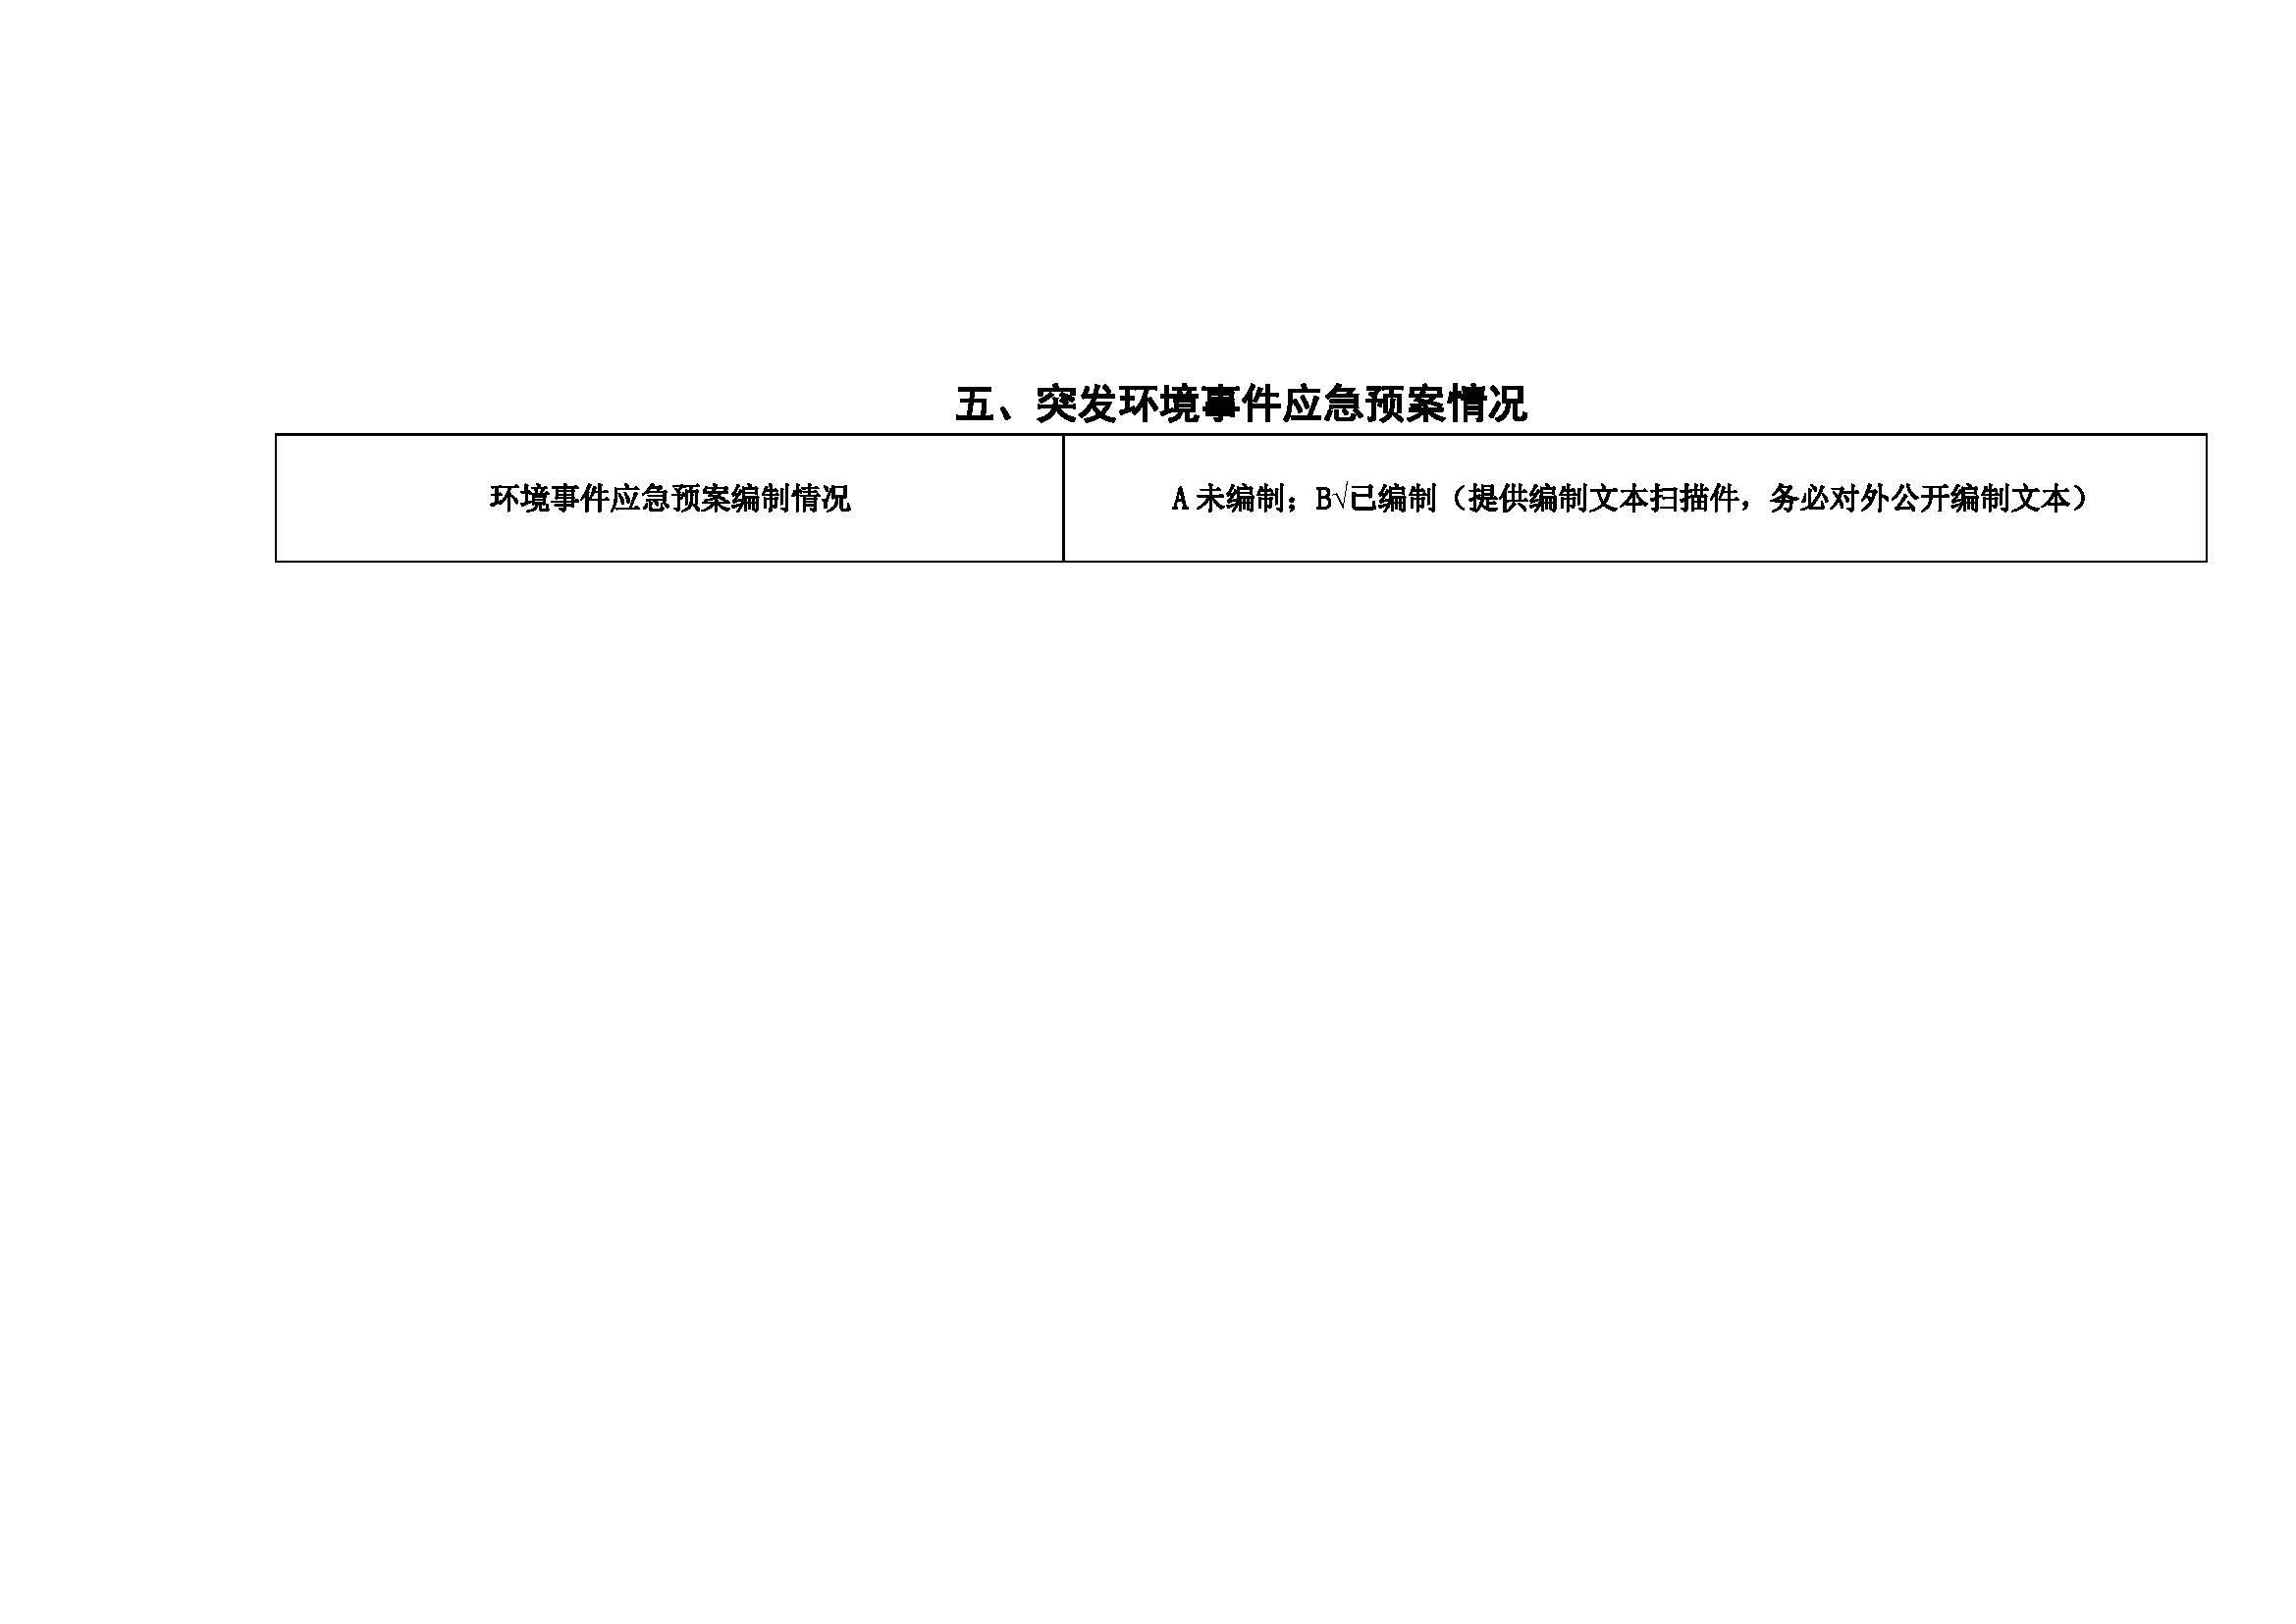 企业事业环境信息公开目录明细(2019)_页面_6.jpg